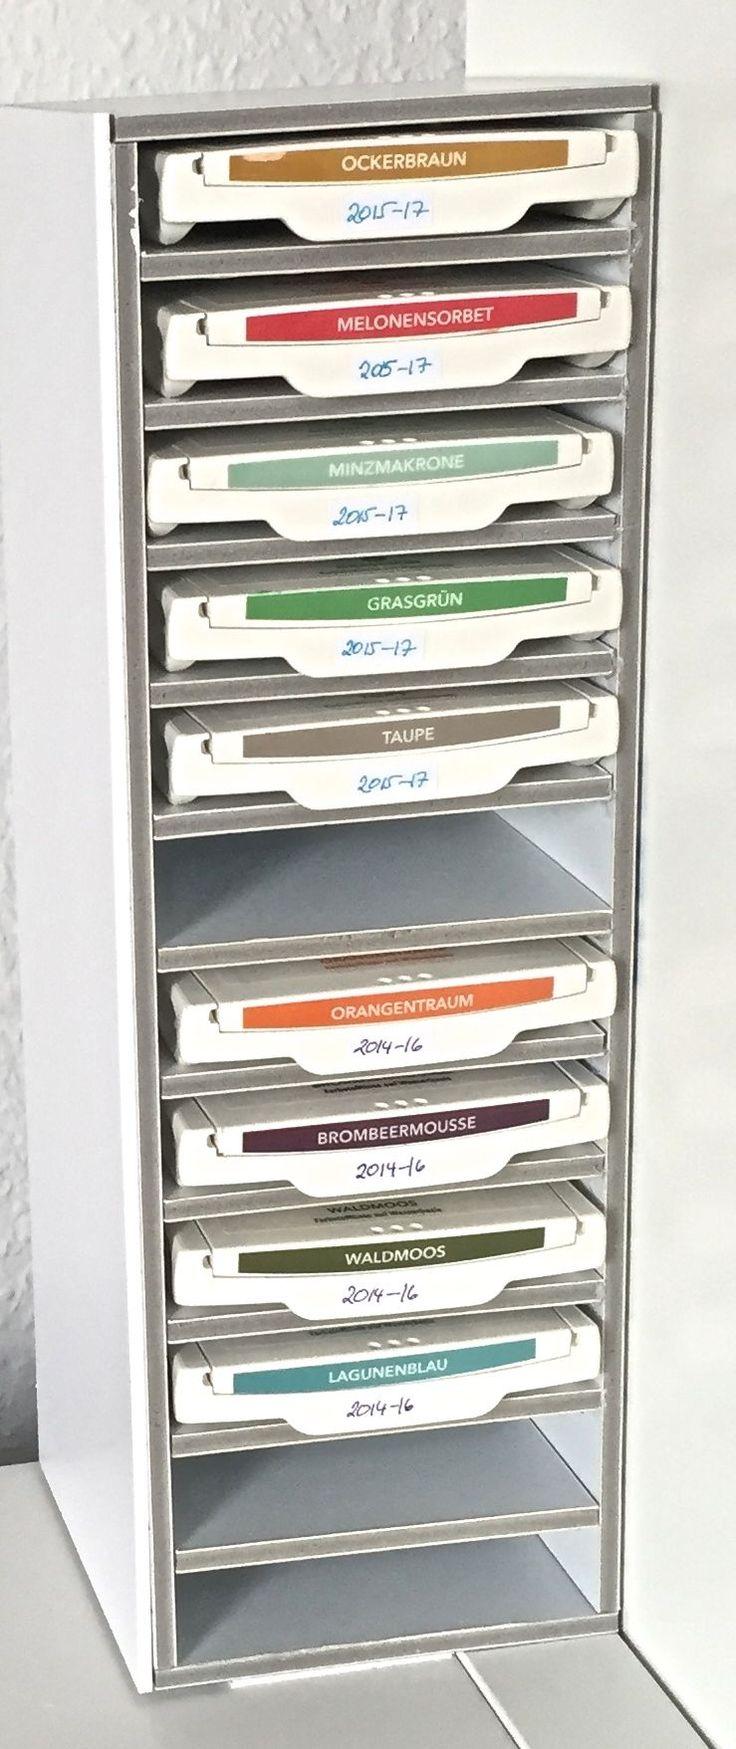 Mini-Regal für Stempelkissen von Stampin Up! aus Foamboard, passend für Ikea Kallax Regal. Storage for Stampin Up! ink pads for an Ikea Kallax unit.